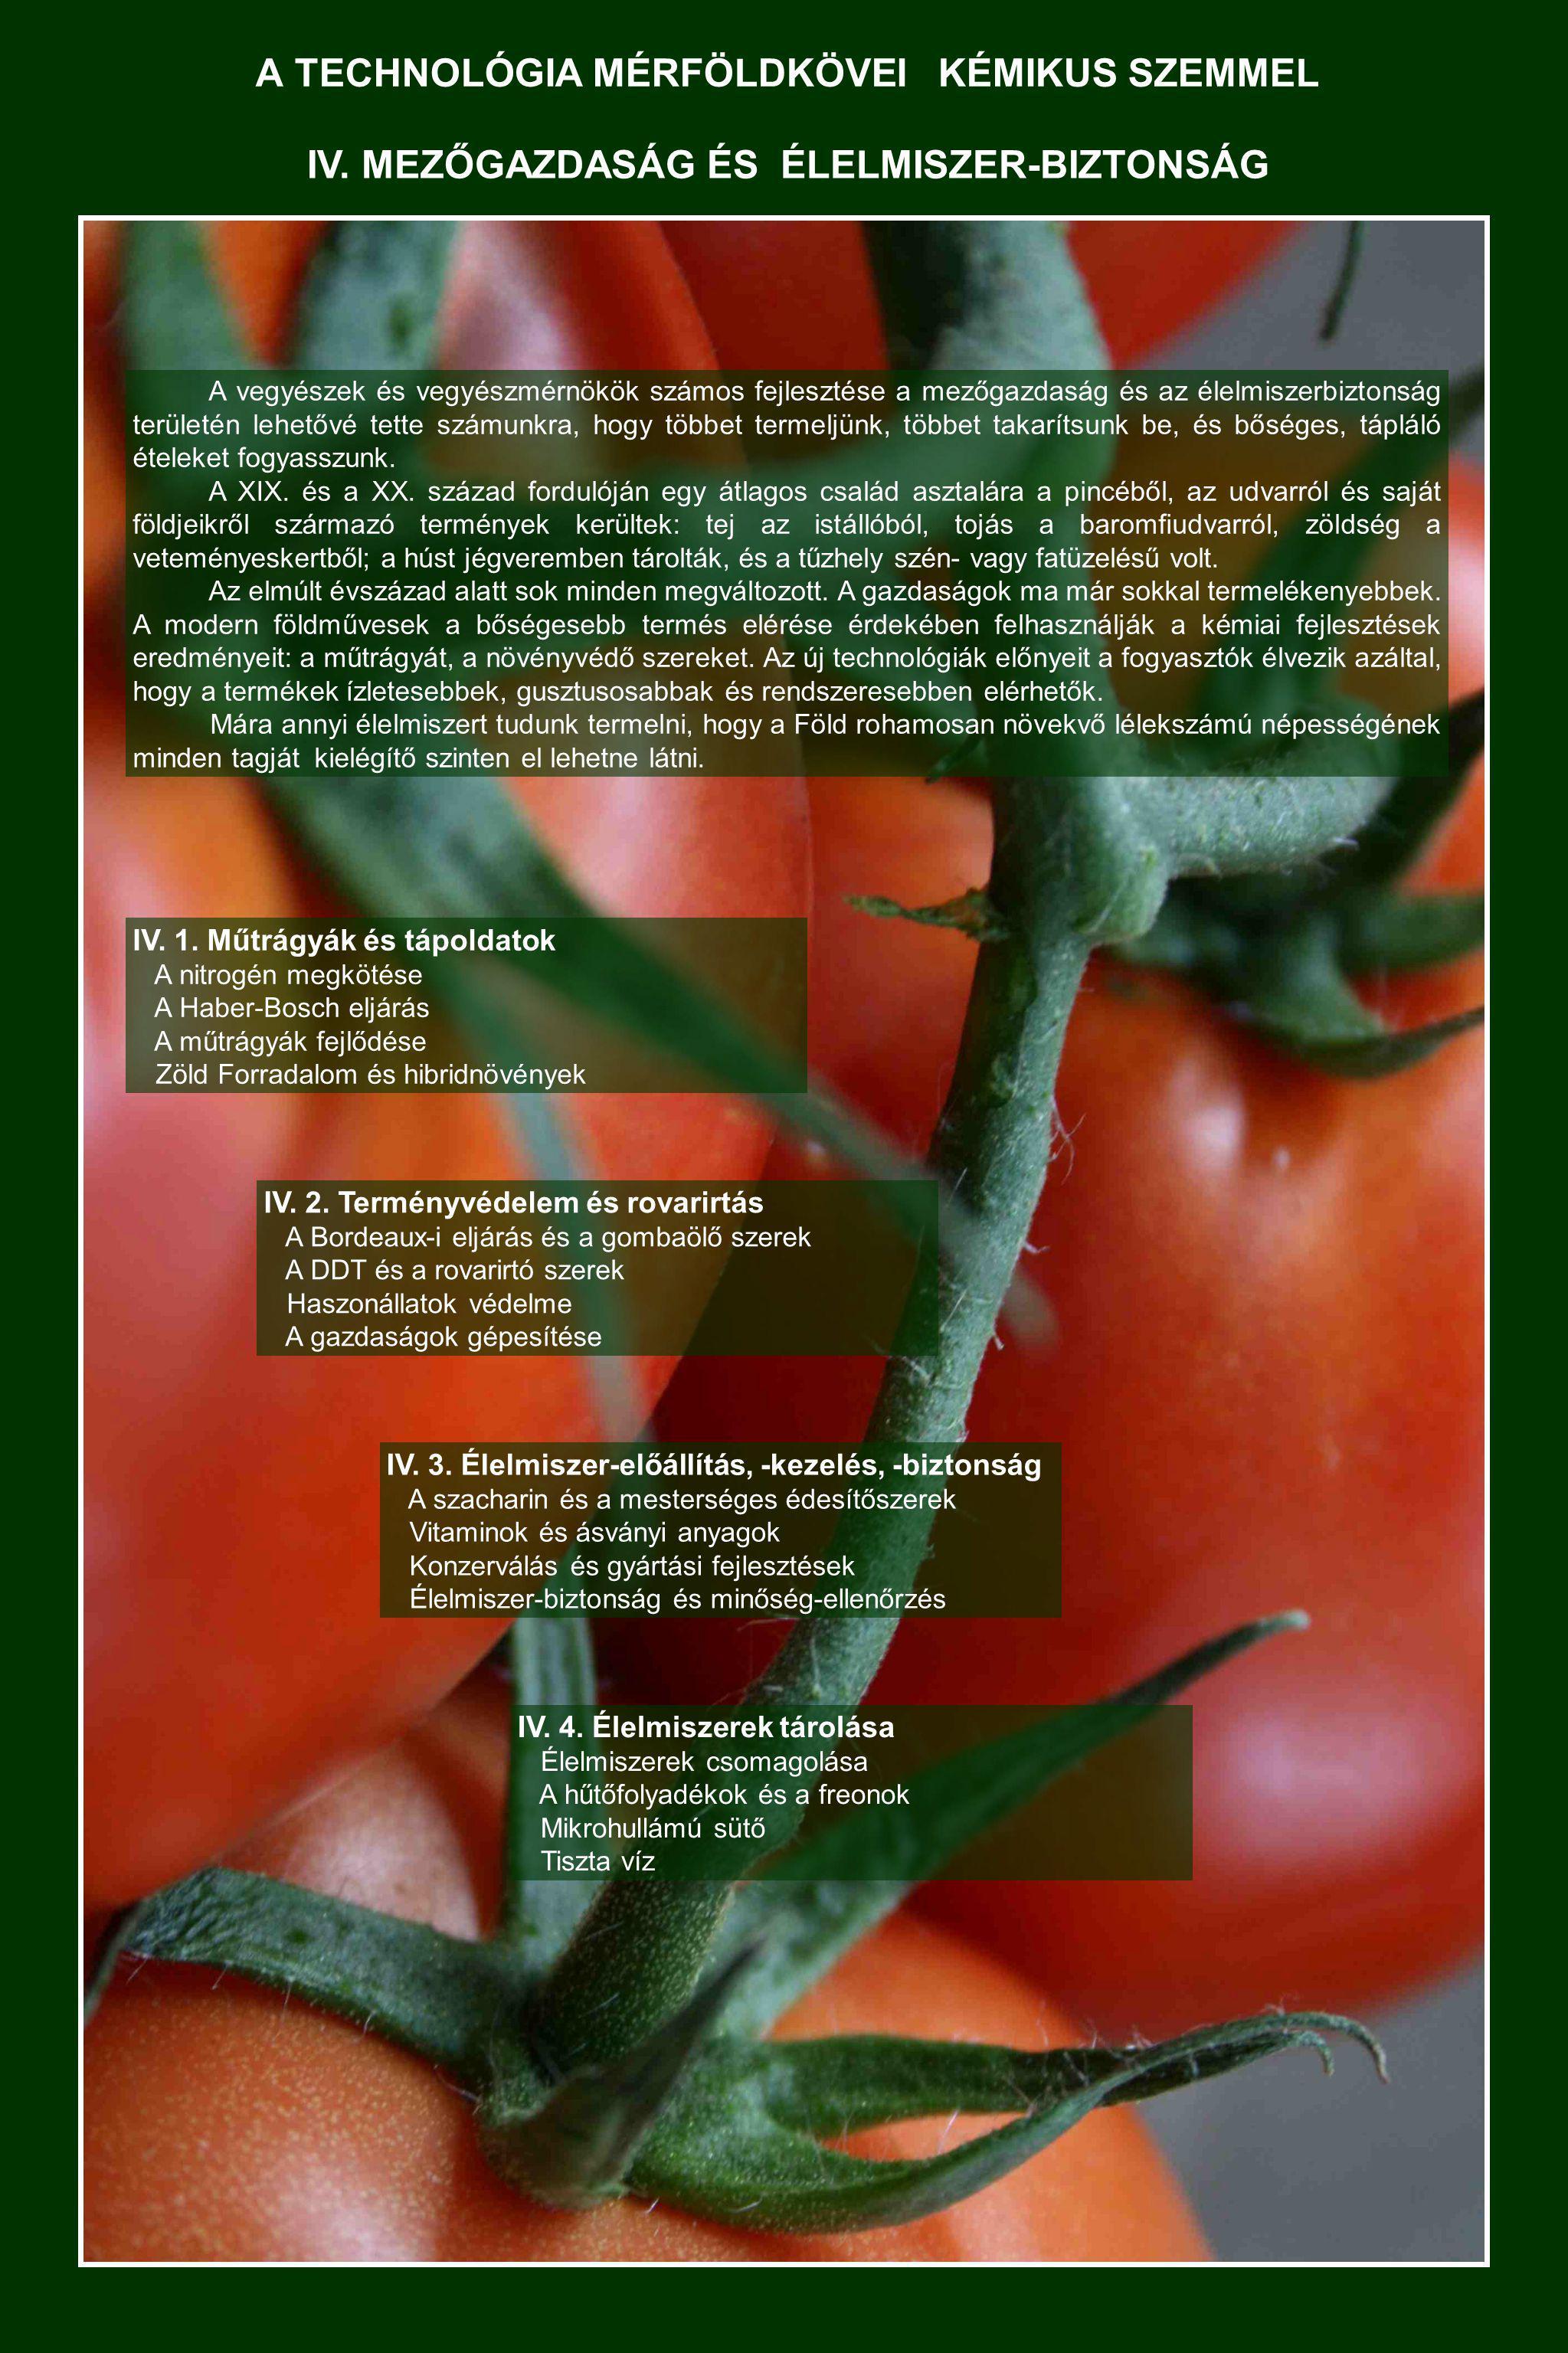 A TECHNOLÓGIA MÉRFÖLDKÖVEI KÉMIKUS SZEMMEL A vegyészek és vegyészmérnökök számos fejlesztése a mezőgazdaság és az élelmiszerbiztonság területén lehető